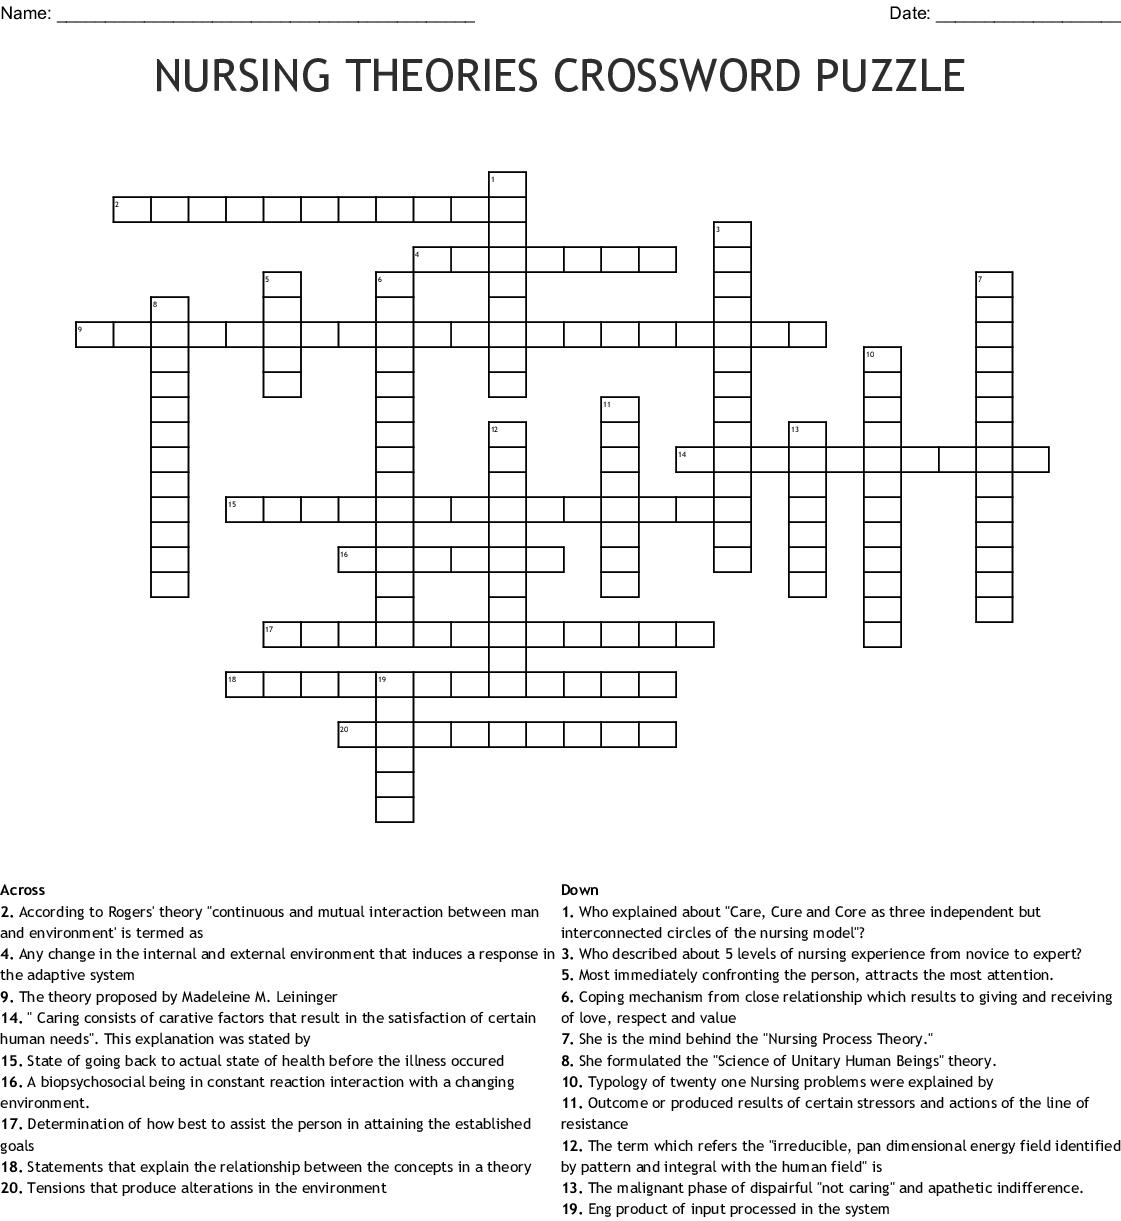 Nursing Theories Crossword Puzzle Wordmint